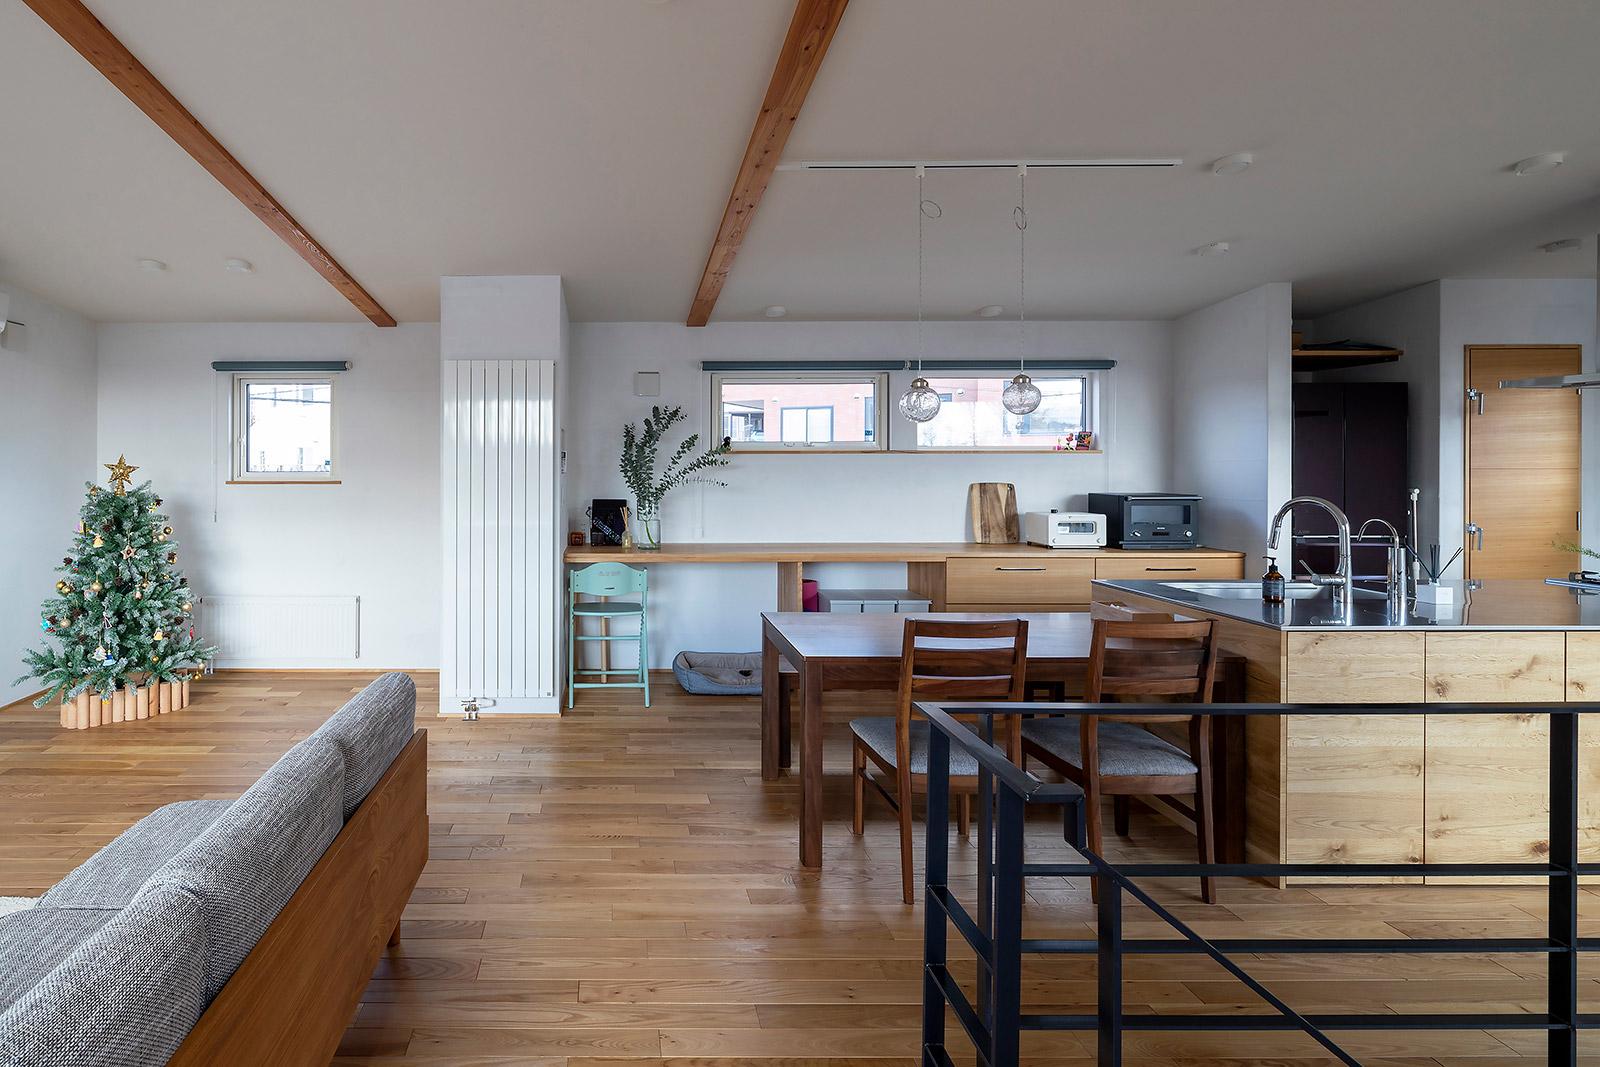 家族が一番長く過ごす2階LDK。キッチンに立つ奥さんと会話ができるリビングとの距離感も嬉しい。無垢床や珪藻土の塗り壁など、自然素材がもたらす快適さも満喫